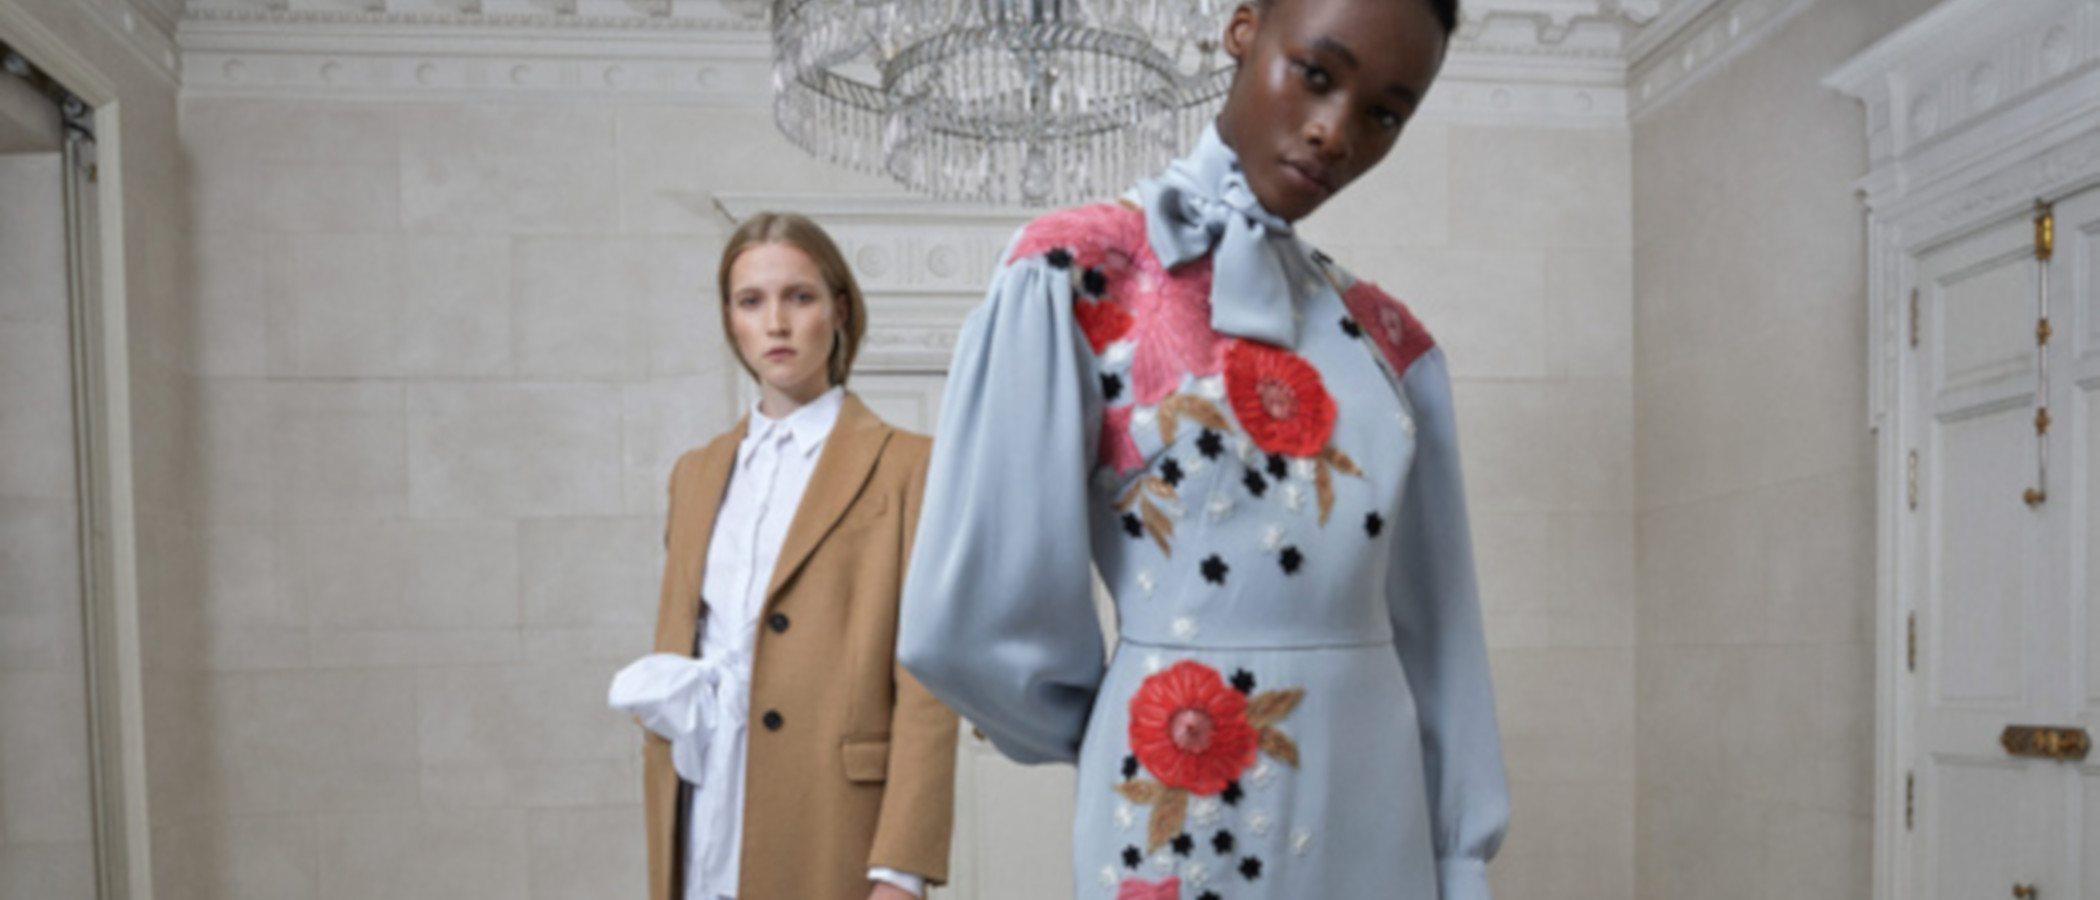 Regresa Pertegaz: la tradicional firma de costura española se reinventa para volver a sus años de gloria